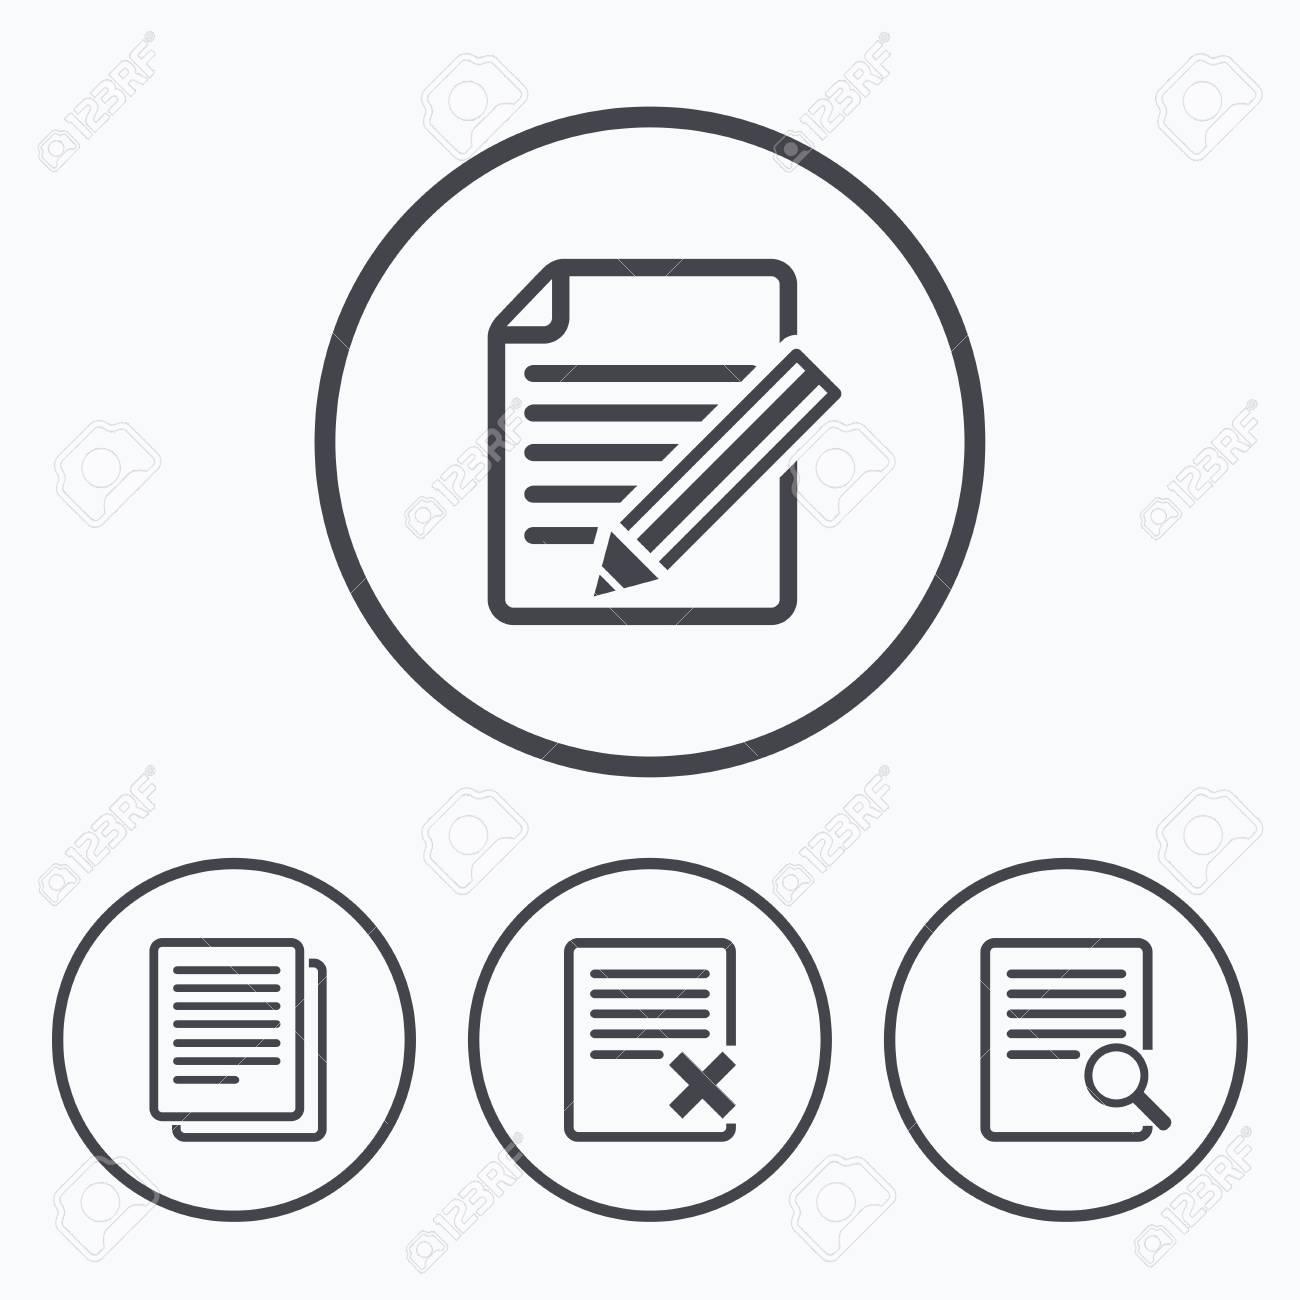 22ca490f16338 Foto de archivo - Iconos de documento de archivo. Buscar o encontrar  símbolo. editar contenidos con el signo de lápiz. Eliminar o borrar el  archivo.